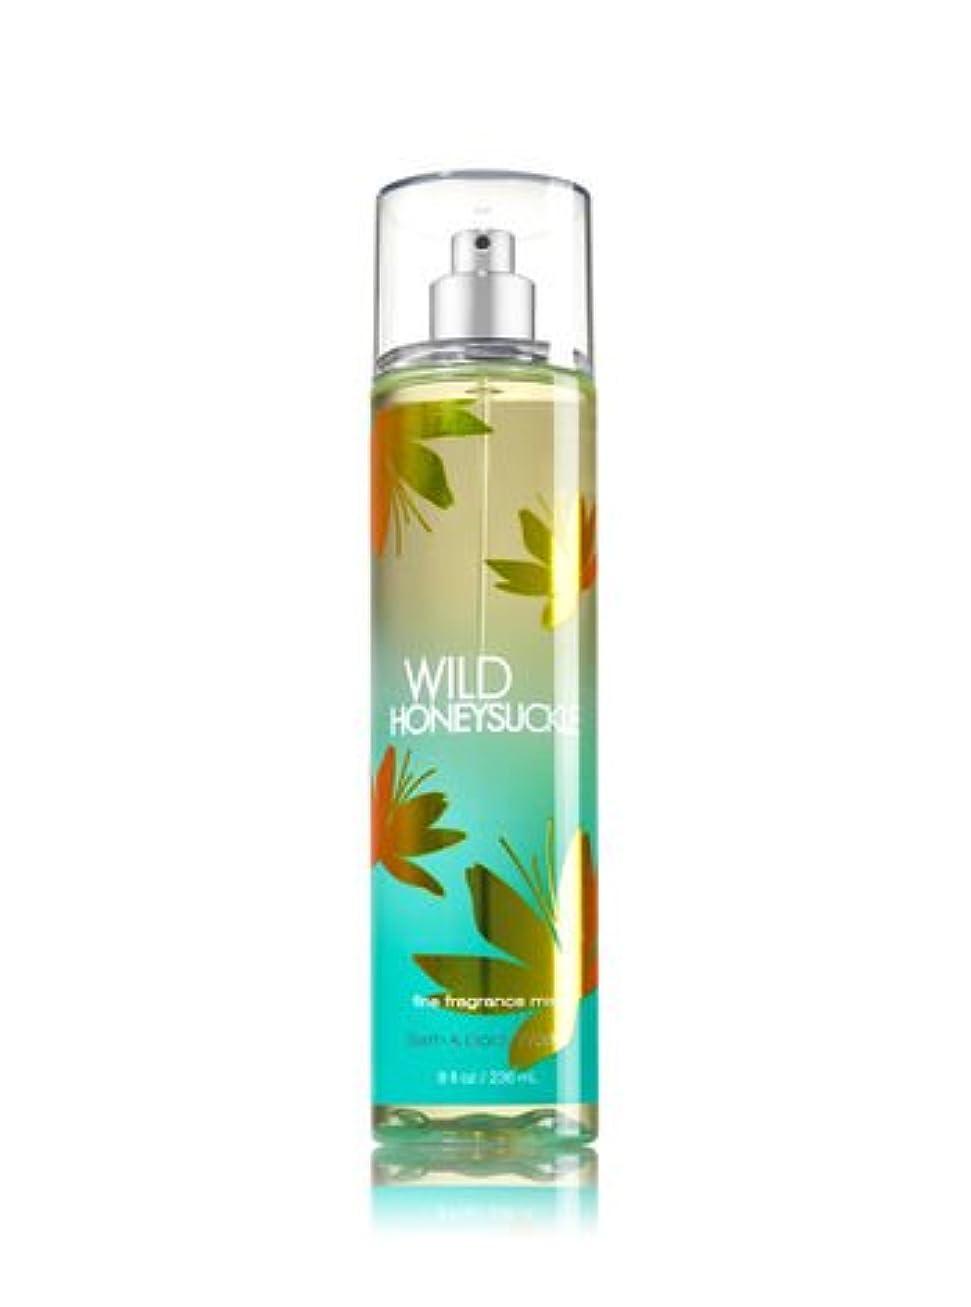 入学する激しい入力【Bath&Body Works/バス&ボディワークス】 ファインフレグランスミスト ワイルドハニーサックル Fine Fragrance Mist Wild Honeysuckle 8oz (236ml) [並行輸入品]